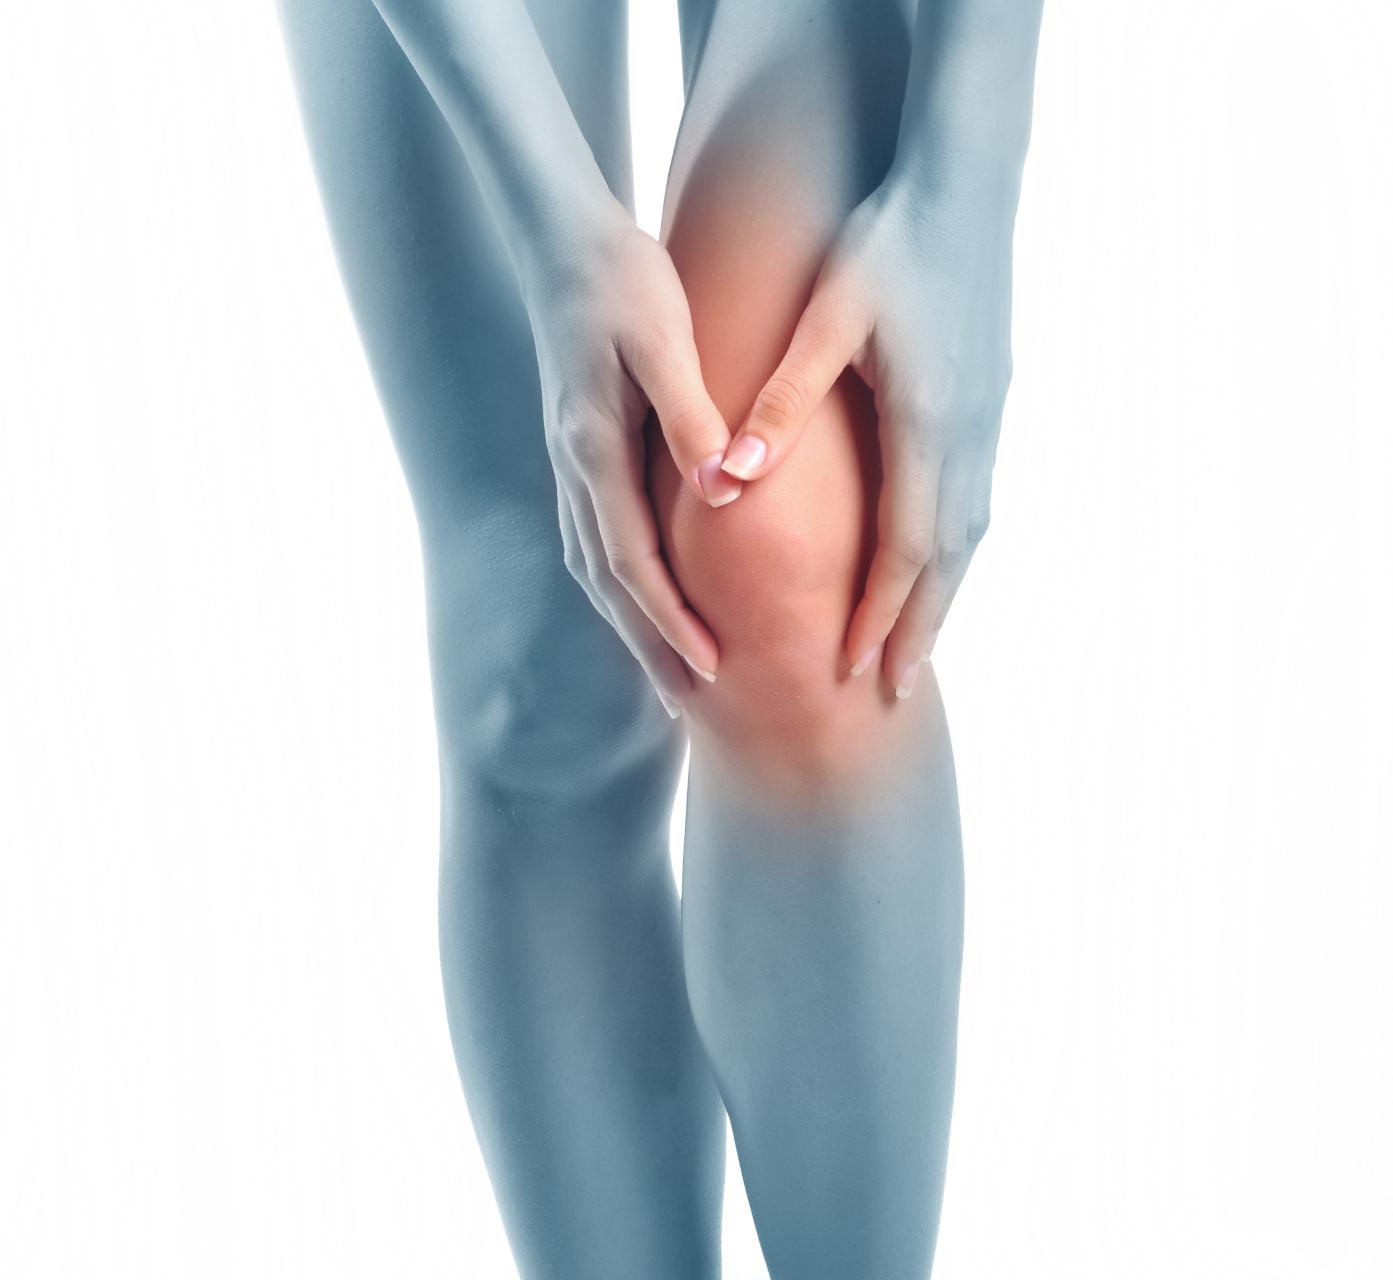 kelio sąnario artrozė receptas tinktūros iš sąnarių skausmas